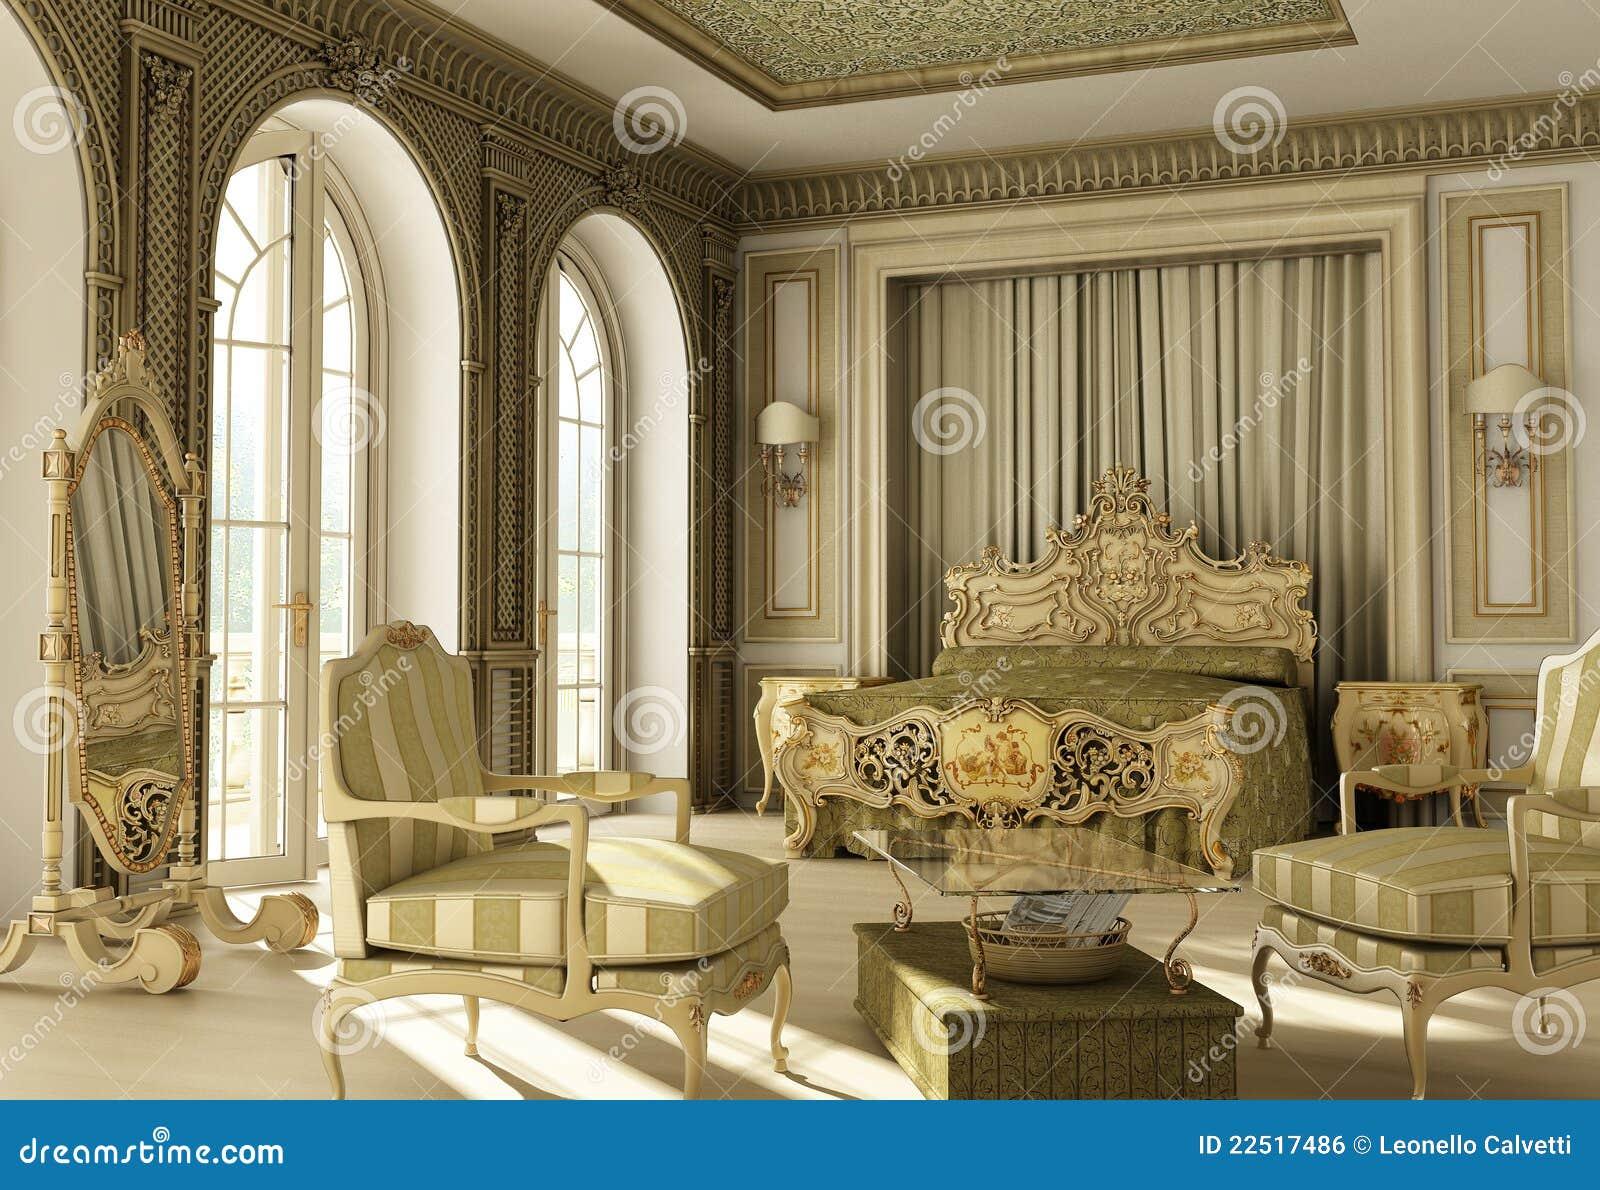 Rococo slaapkamer van de luxe. royalty vrije stock afbeelding ...